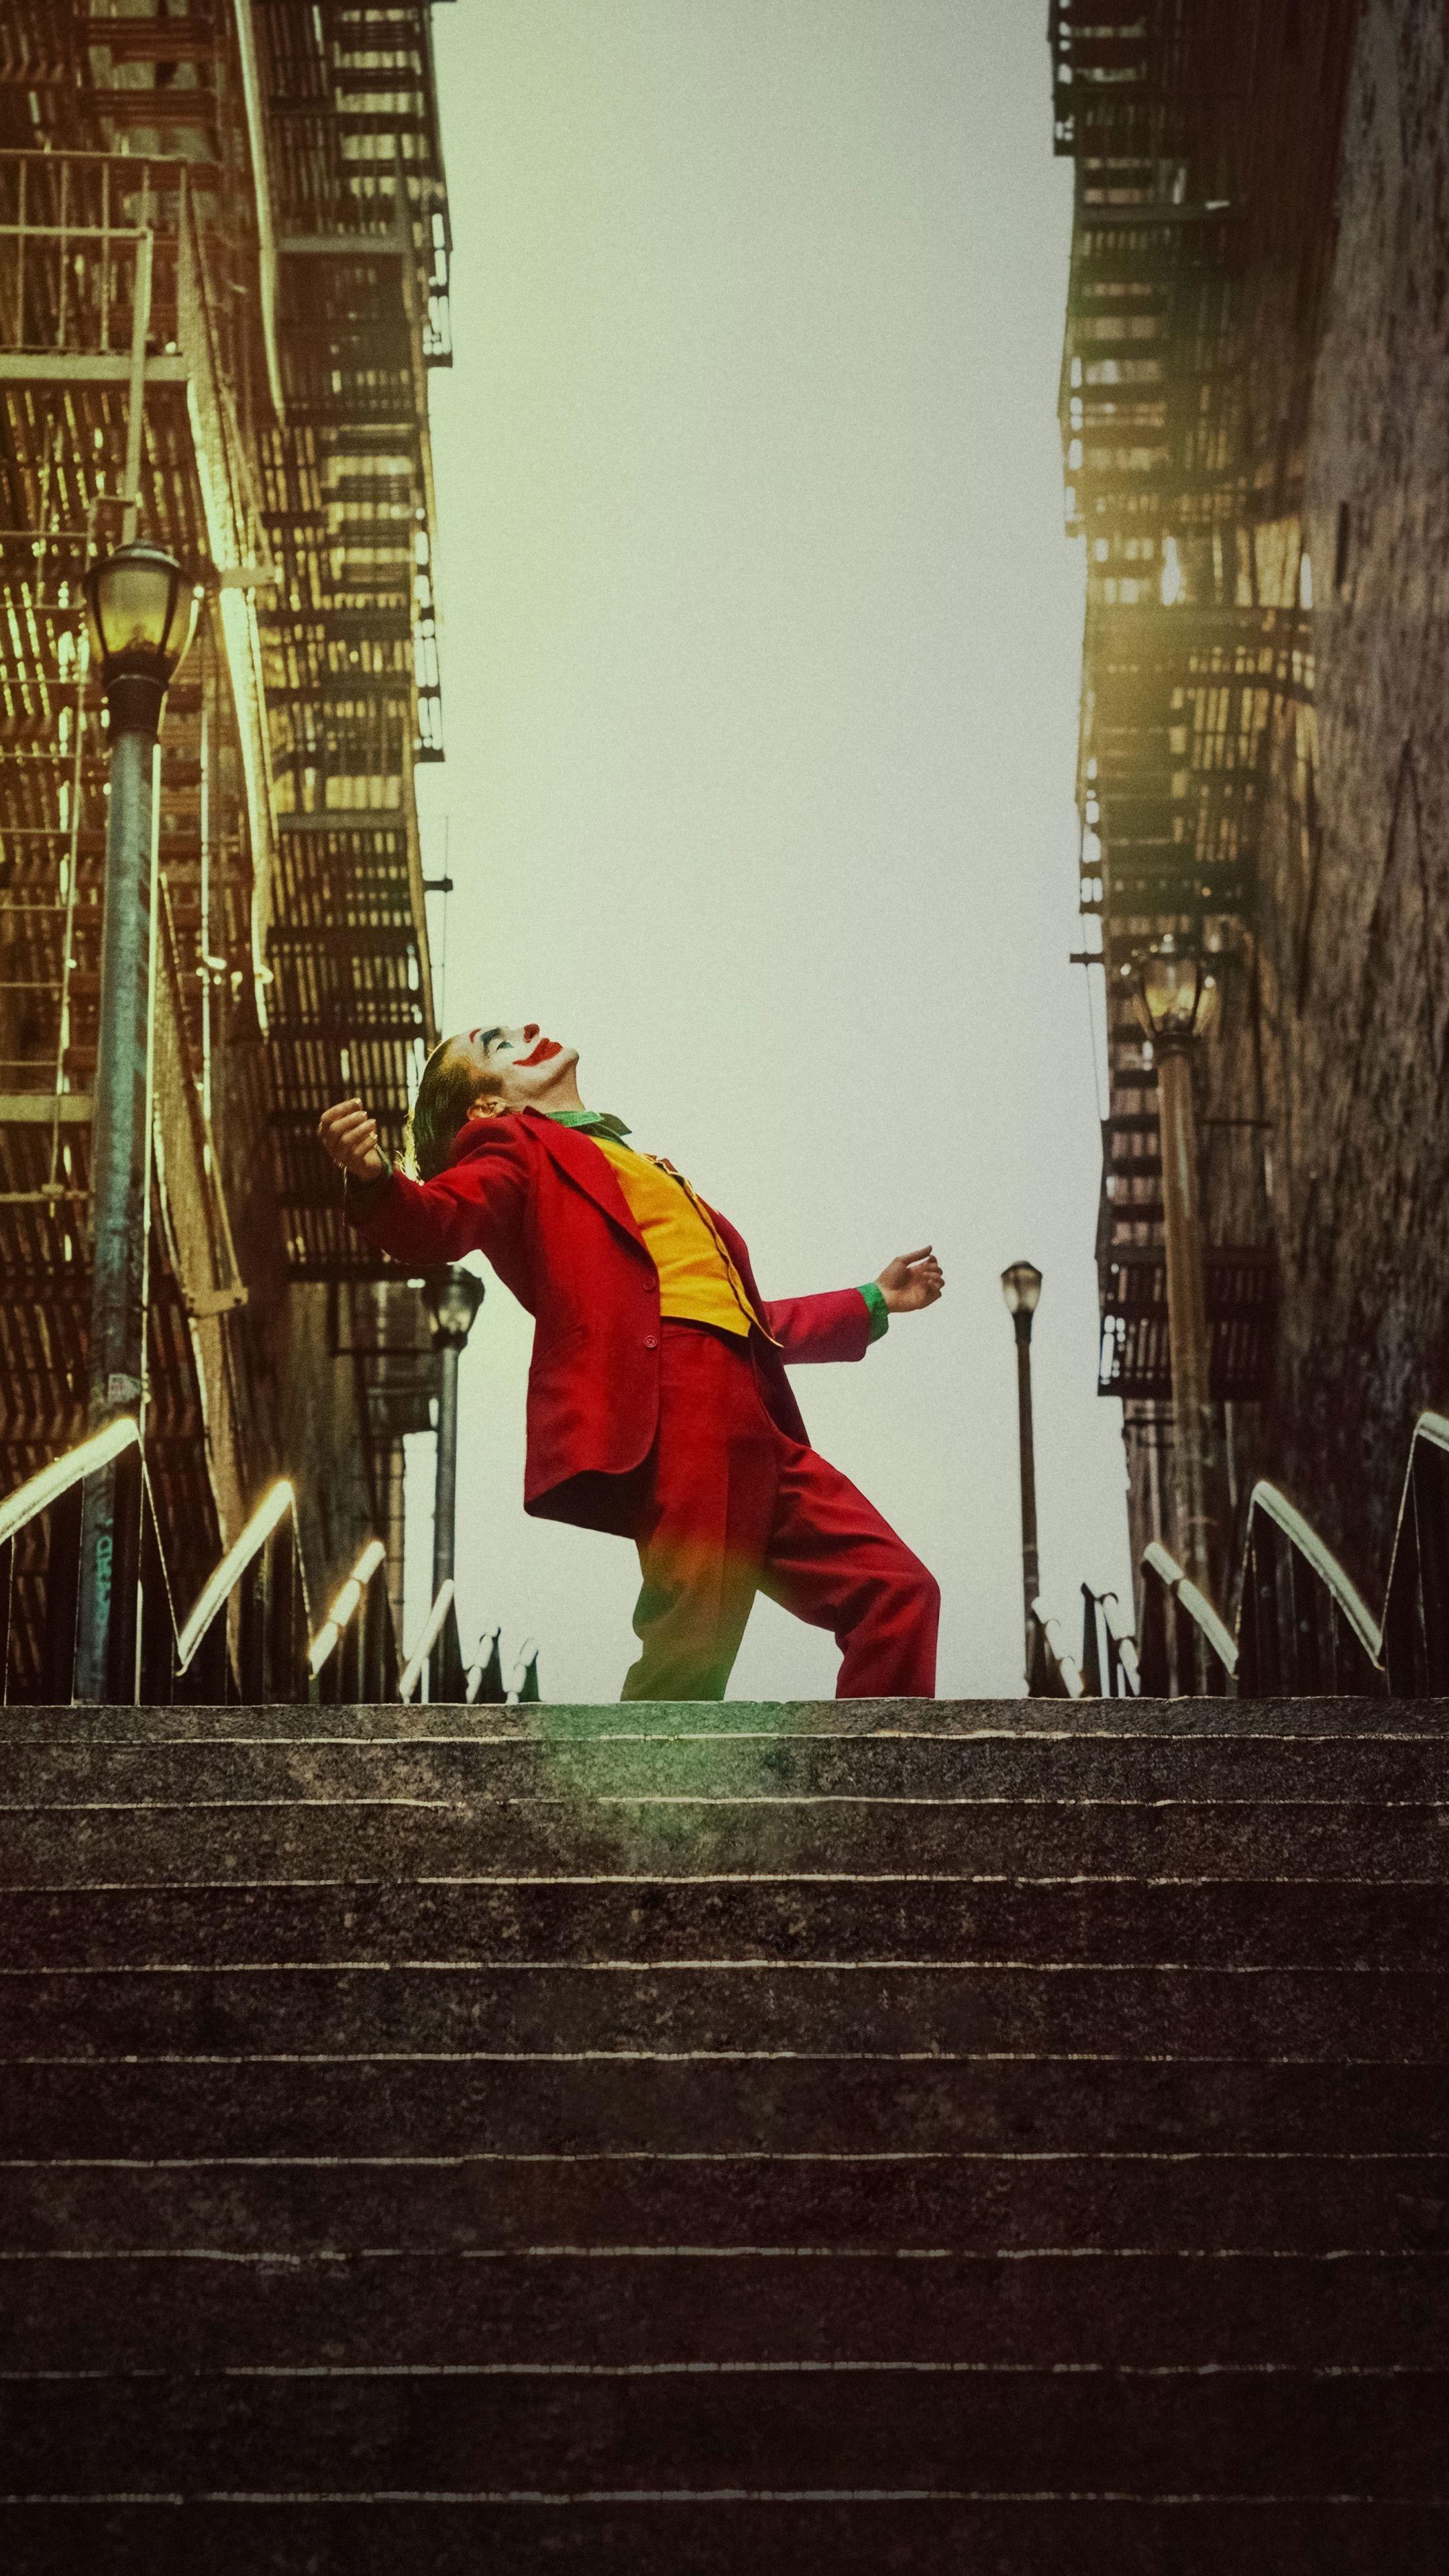 無料印刷可能 Joker Wallpaper 2019 Iphone - ガサカトメガ